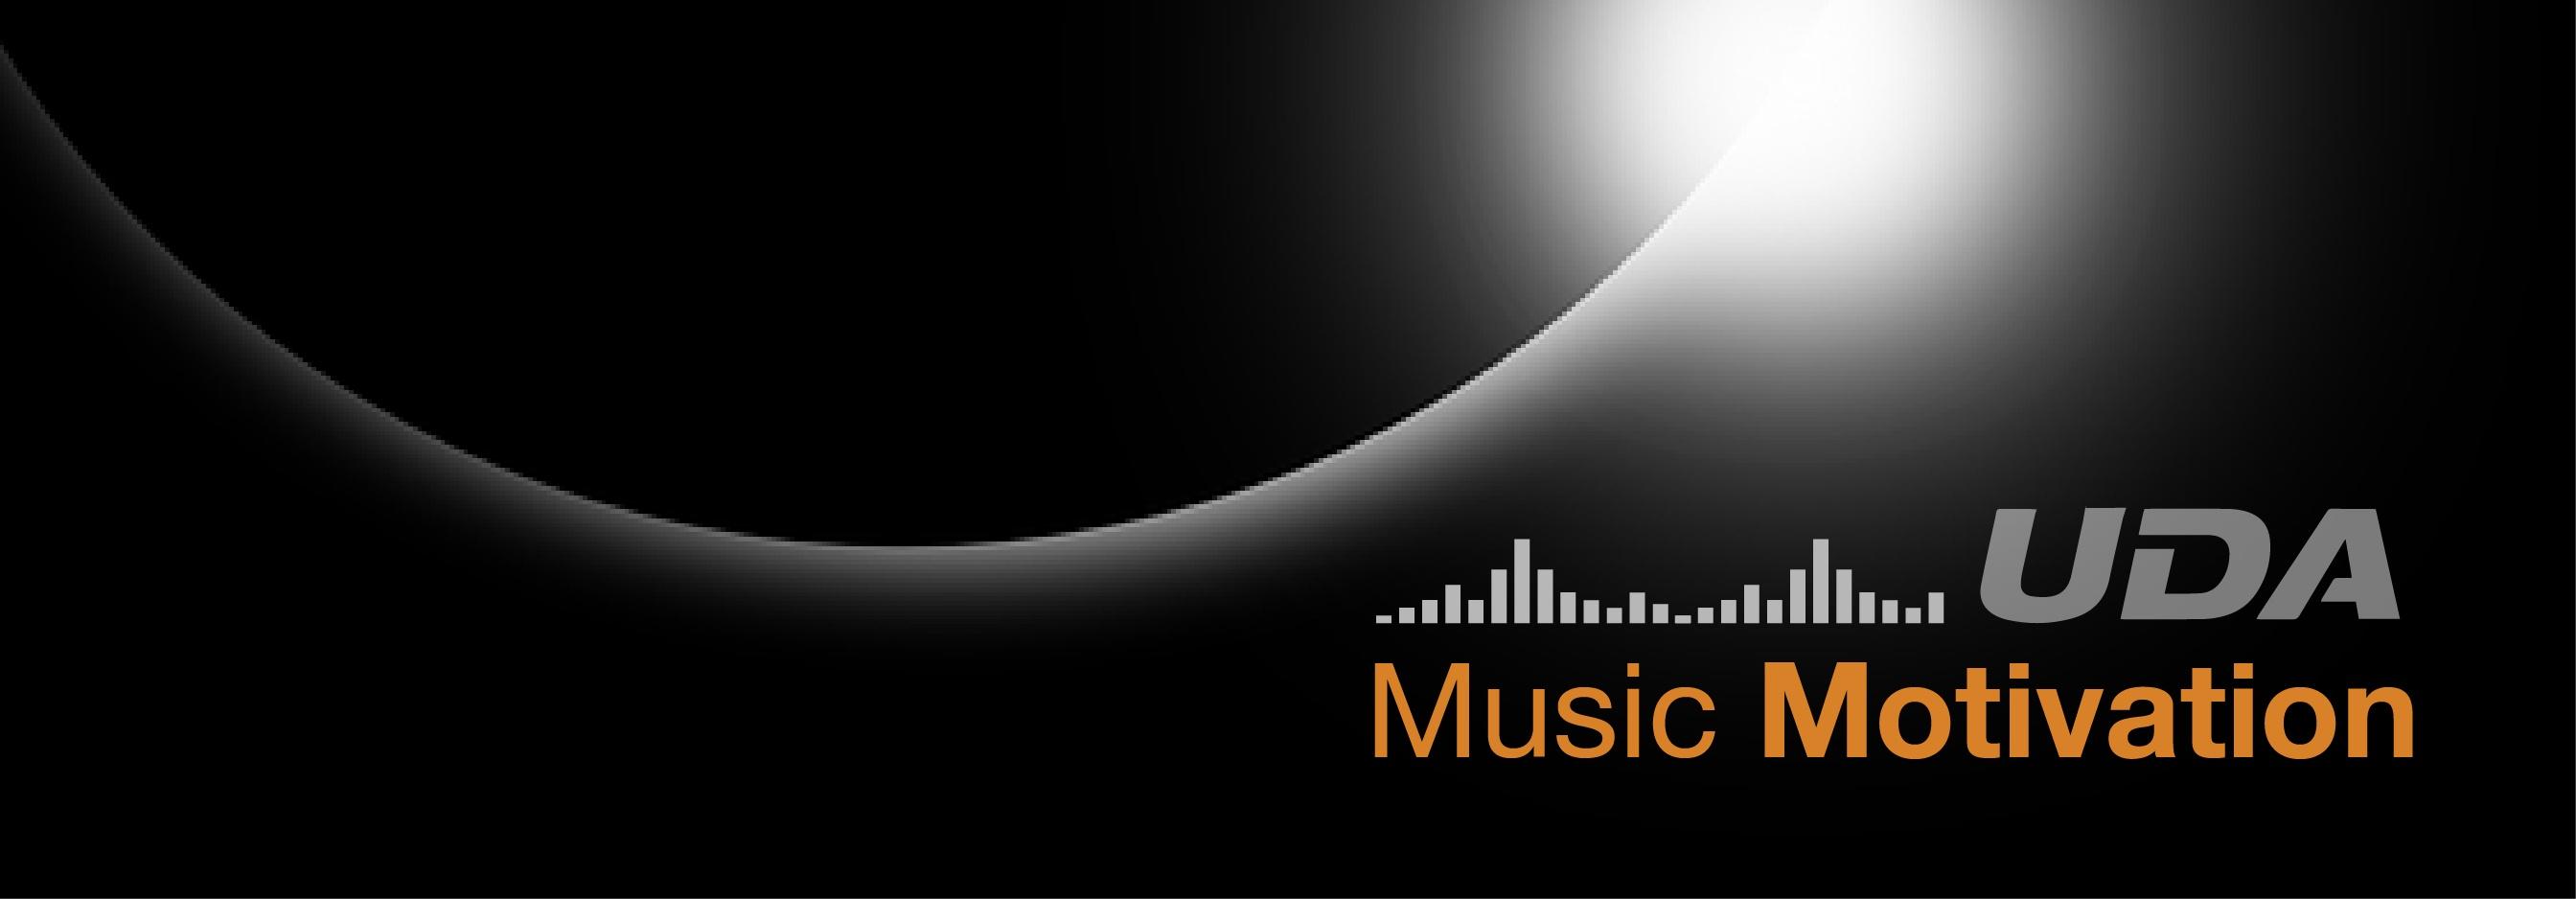 Music Motivation: Build Your Solar Eclipse 2017 Playlist